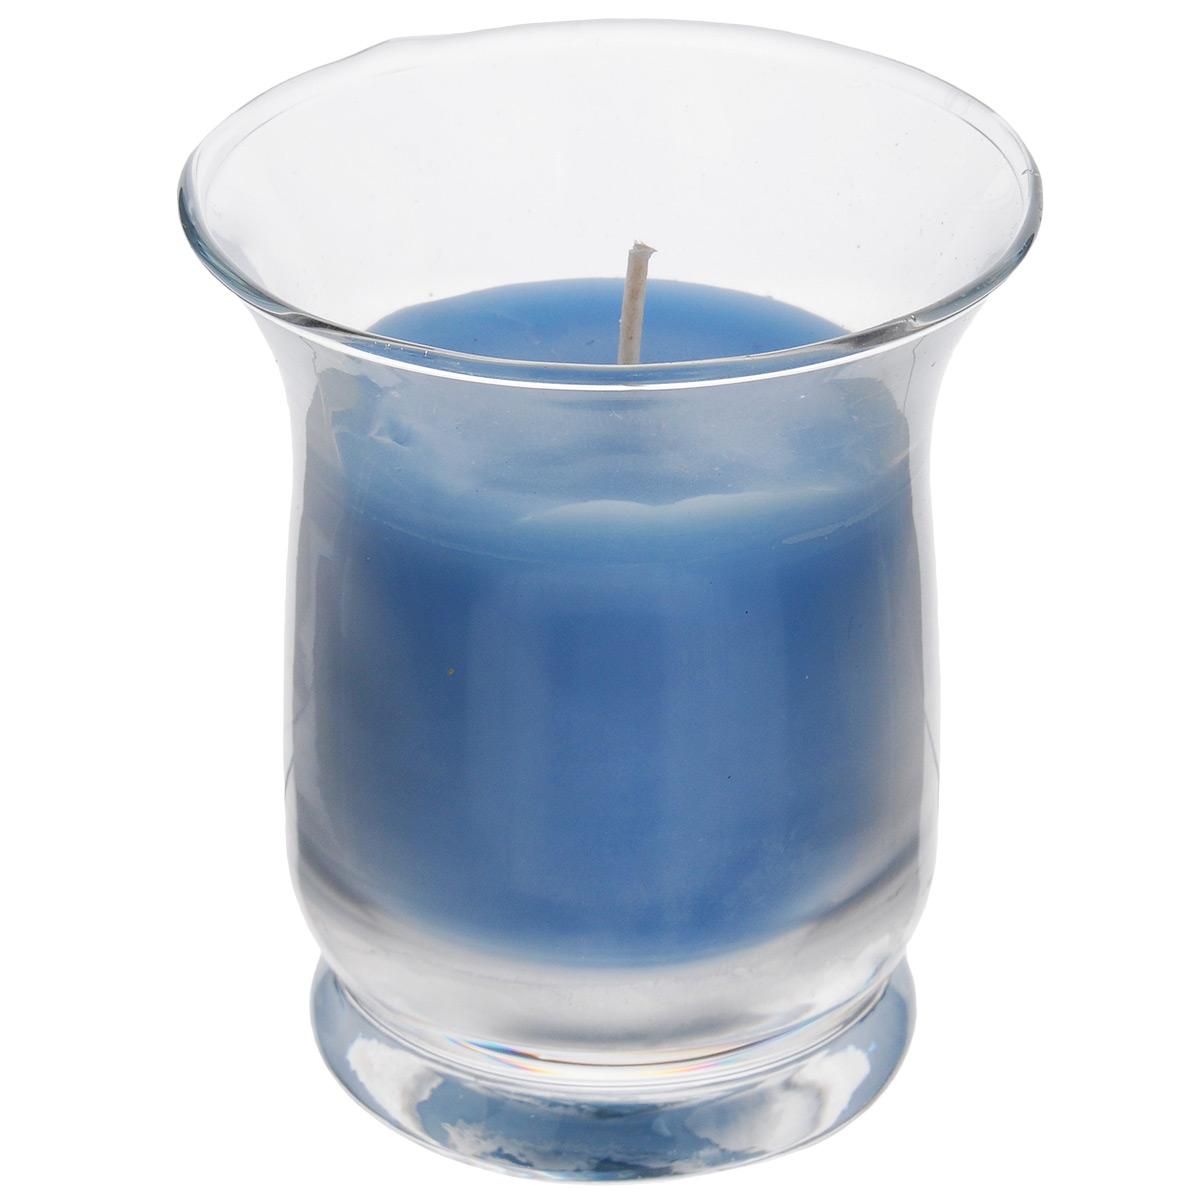 Свеча ароматизированная Sima-land Романтика, с ароматом океана, высота 7,5 смБрелок для ключейАроматизированная свеча Sima-land Романтика изготовлена из воска и поставляется в стеклянном стакане. Изделие отличается оригинальным дизайном и приятным свежим ароматом. Такая свеча может стать отличным подарком или дополнить интерьер вашей комнаты.